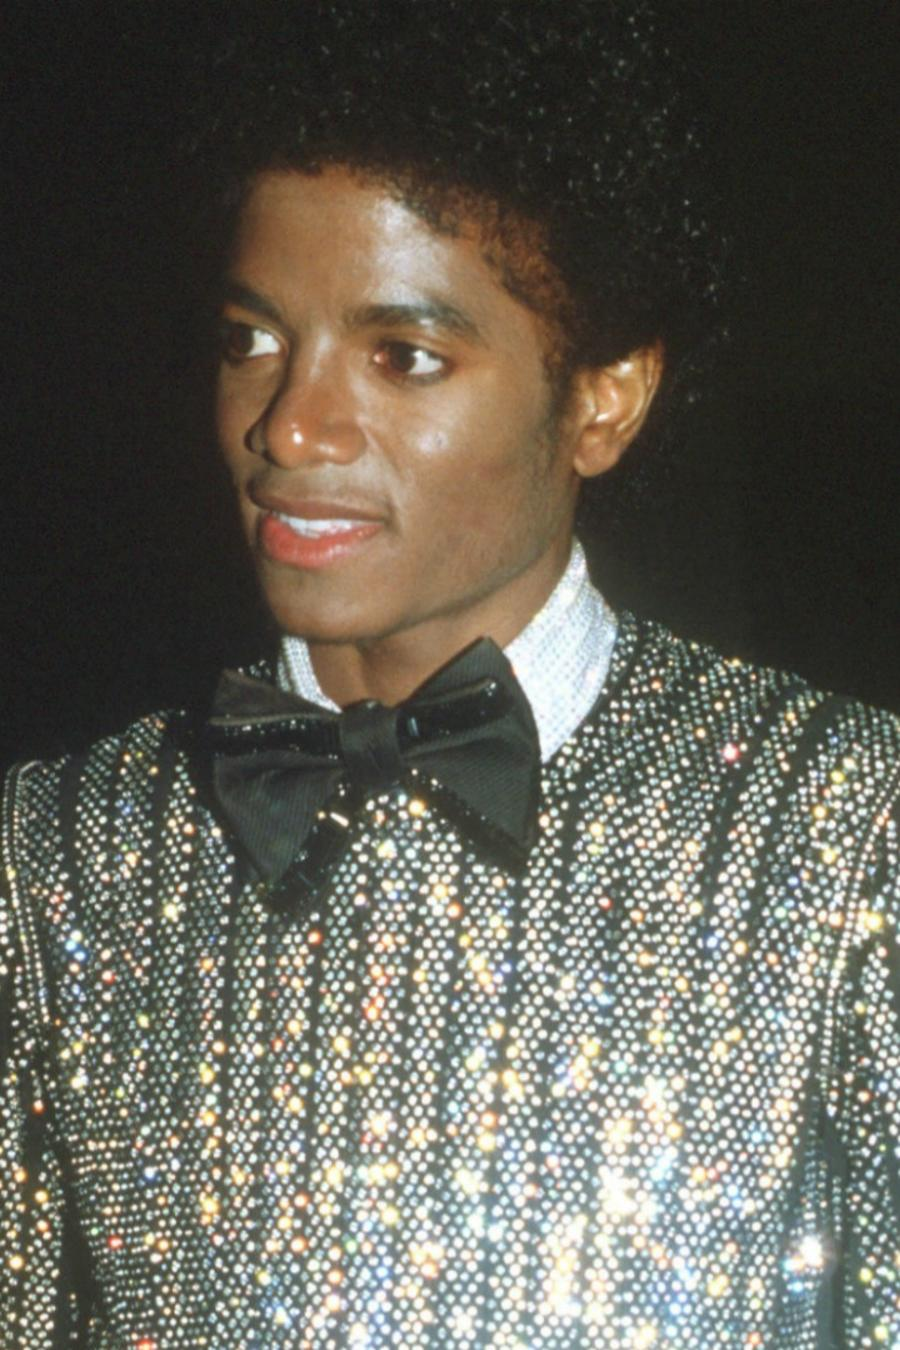 Collage de Michael Jackson en 1979 y en 1993.